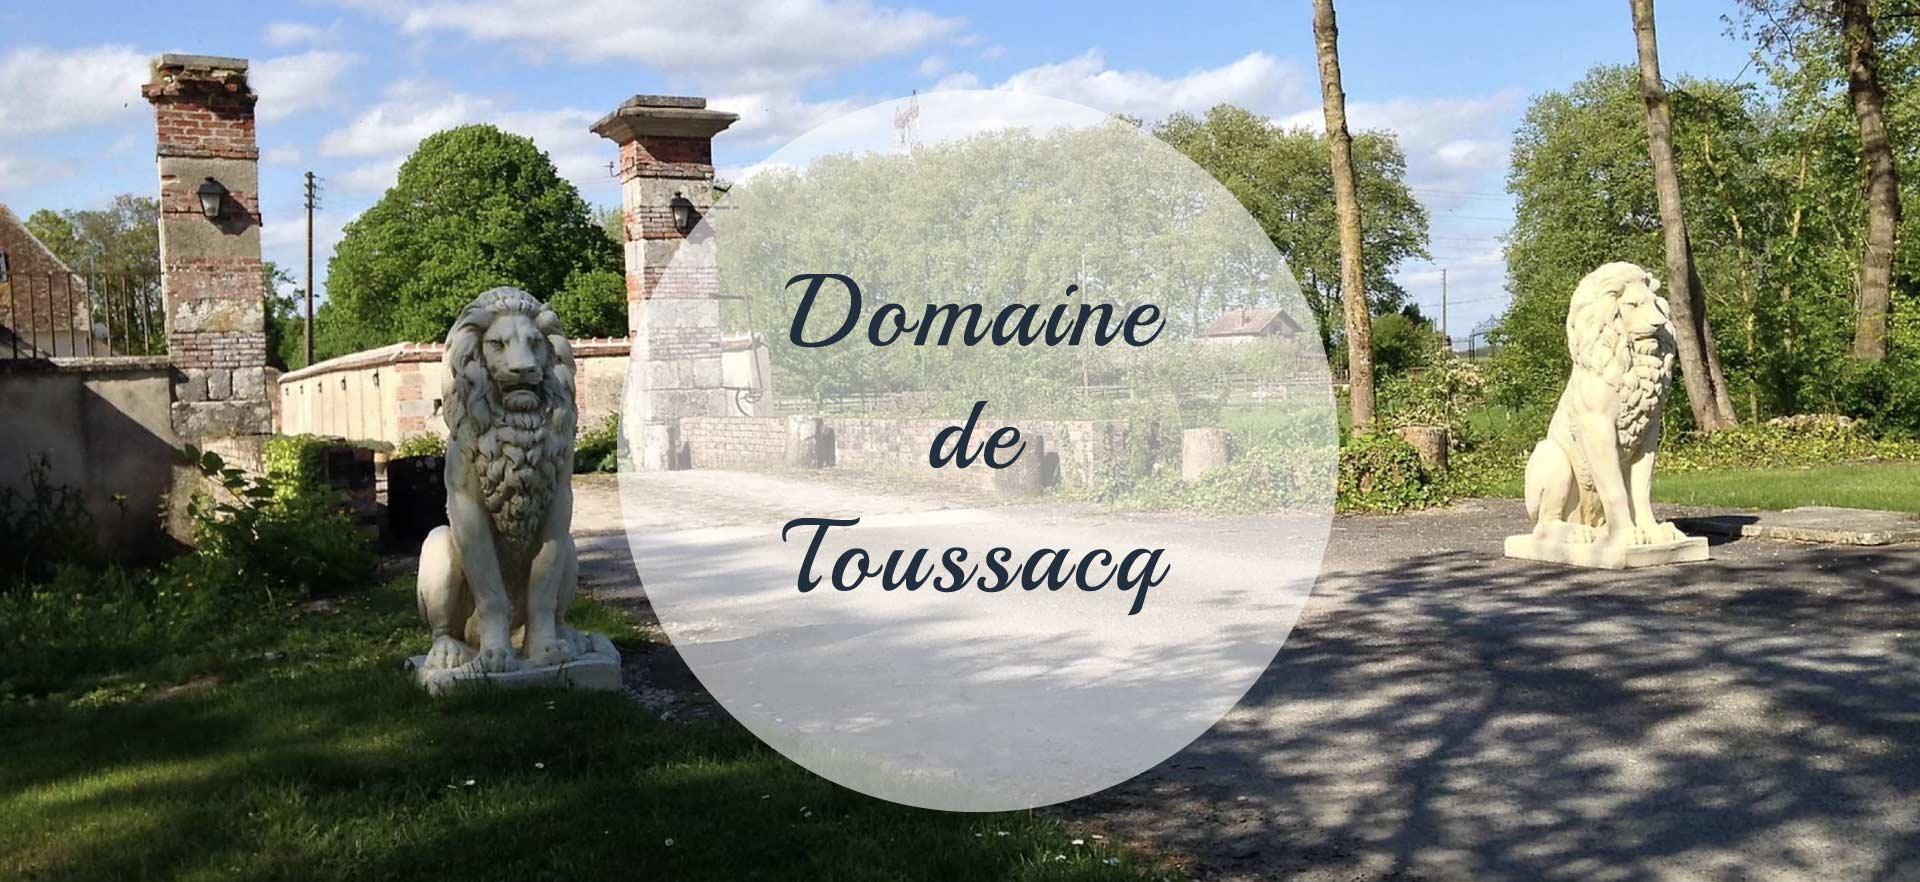 Domaine de Toussacq - Espace séminaire Île-de-France